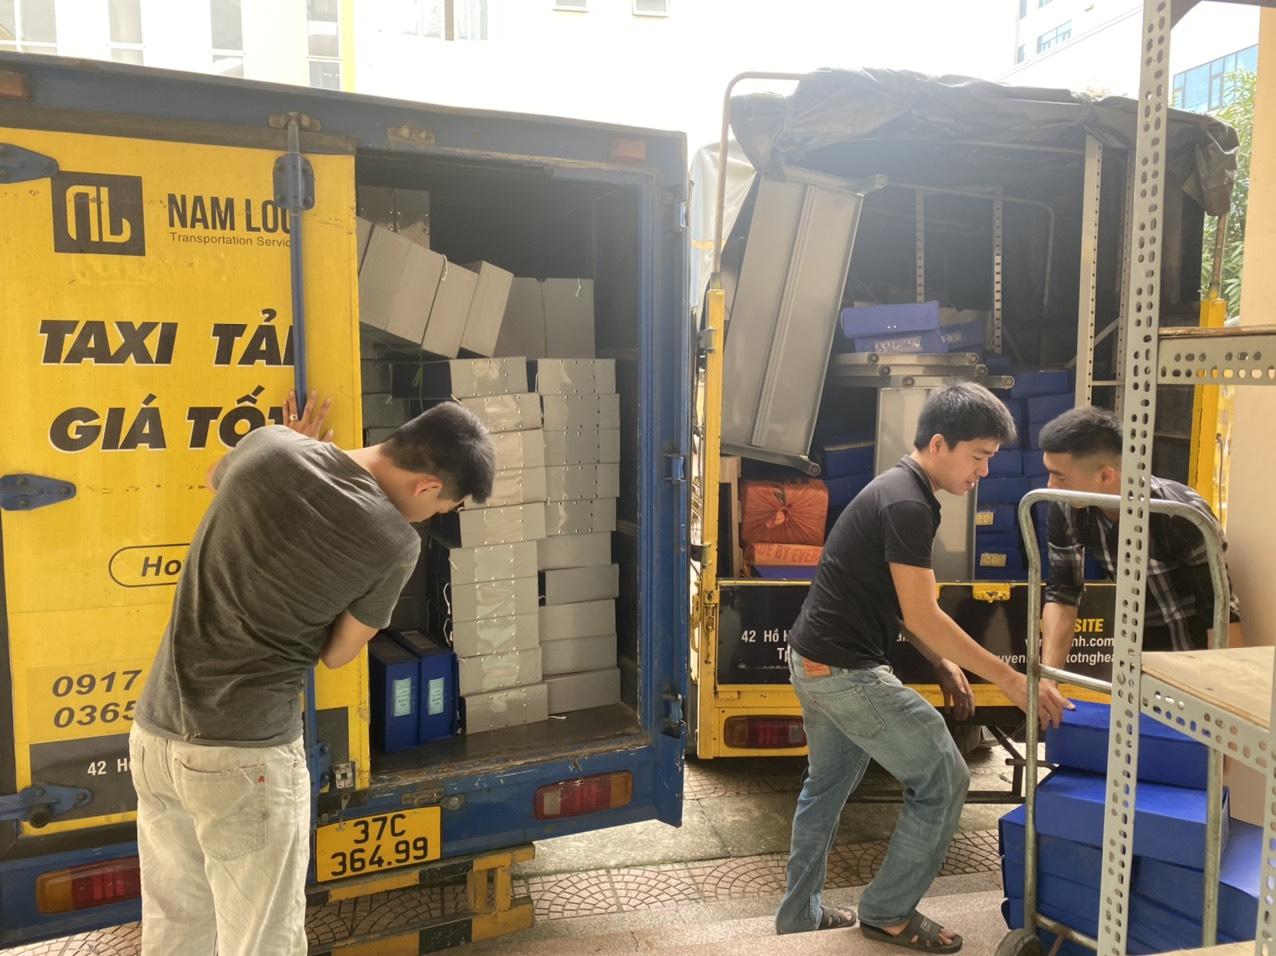 Tại sao nên chọn dịch vụ chuyển nhà, chuyển văn phòng, vận chuyển hàng hóa của Nam Lộc